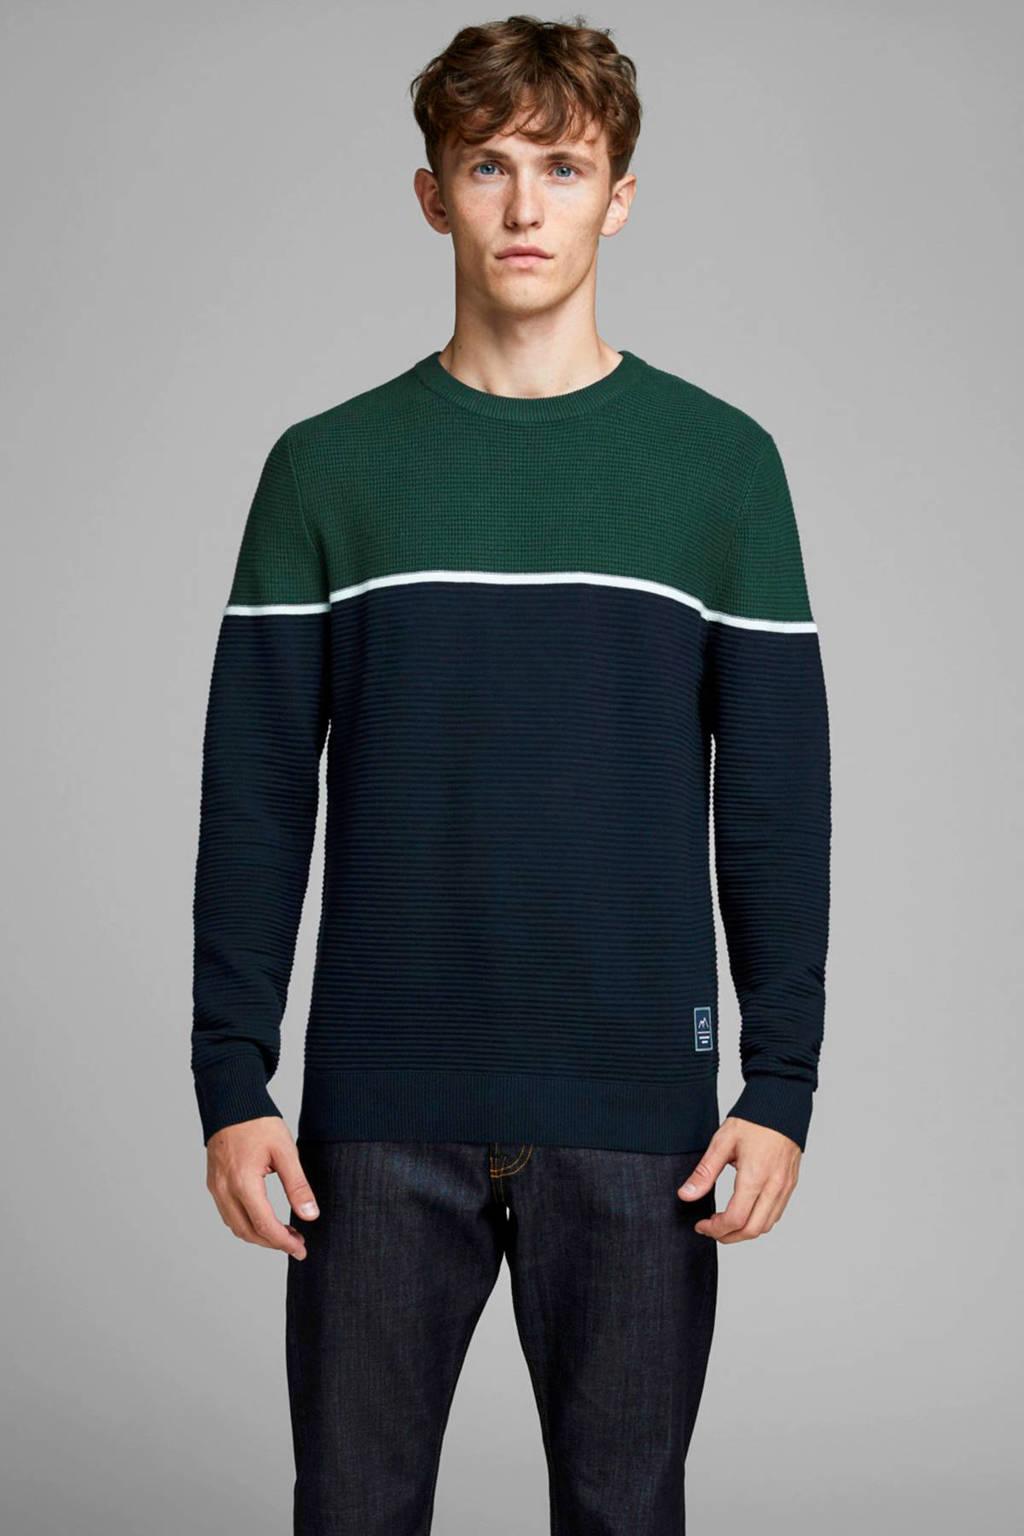 JACK & JONES ORIGINALS gestreepte trui donkerblauw/groen/wit, Donkerblauw/groen/wit